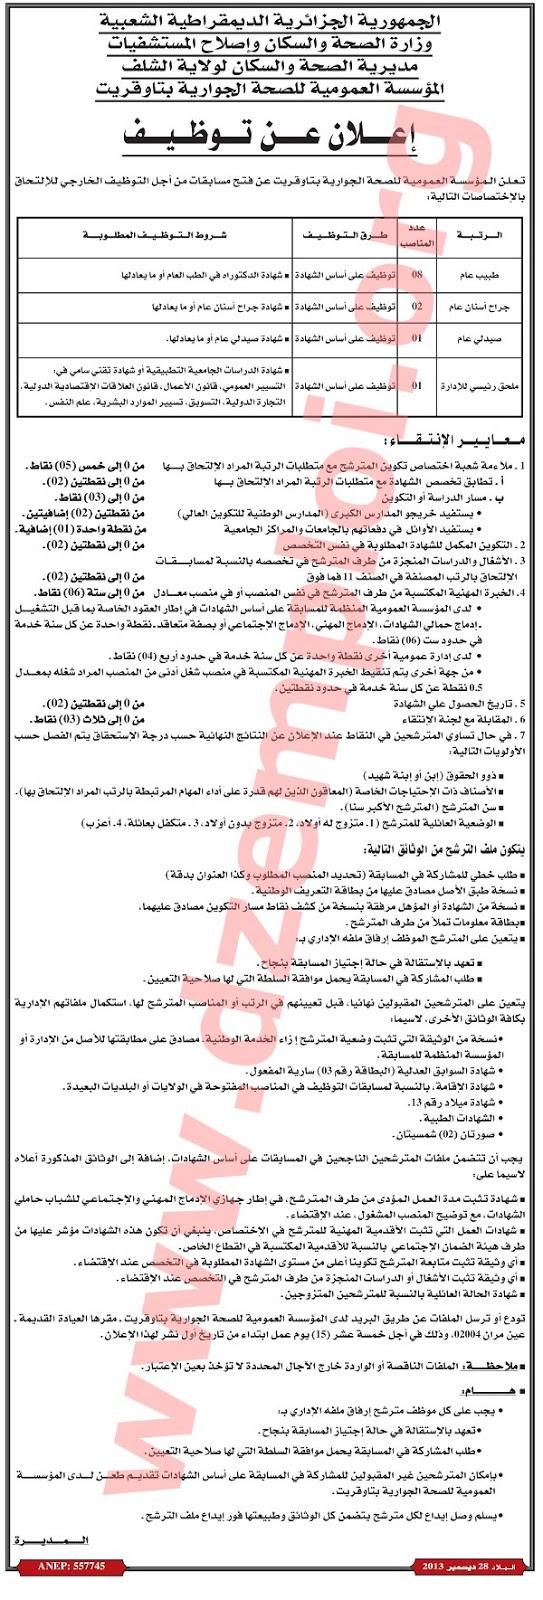 إعلان مسابقة توظيف في المؤسسة العمومية للصحة الجوارية بتاقريت ولاية الشلف ديسمبر 2013 Chlef.jpg